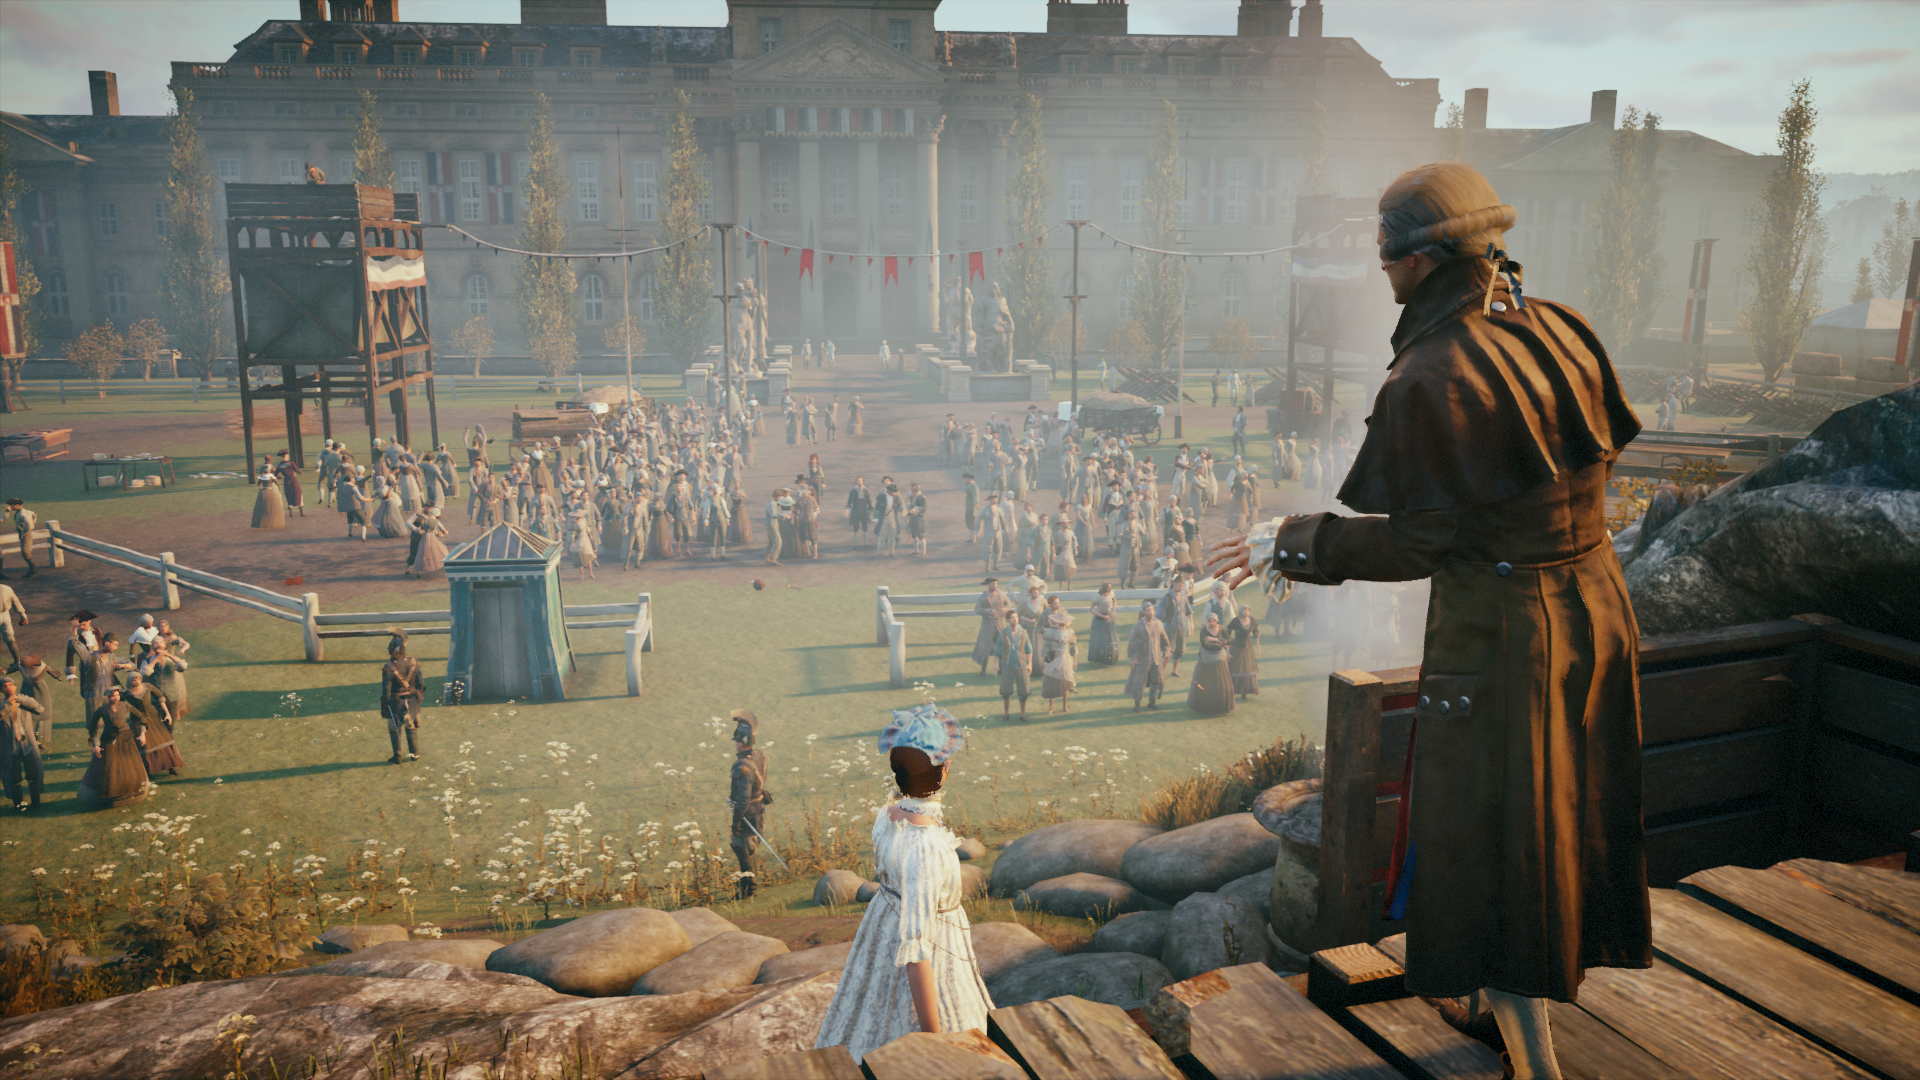 Robespierre pronunciando el discurso en el Festival del Ser Supremo. Imagen del juego Assassin's Creed: Unity.